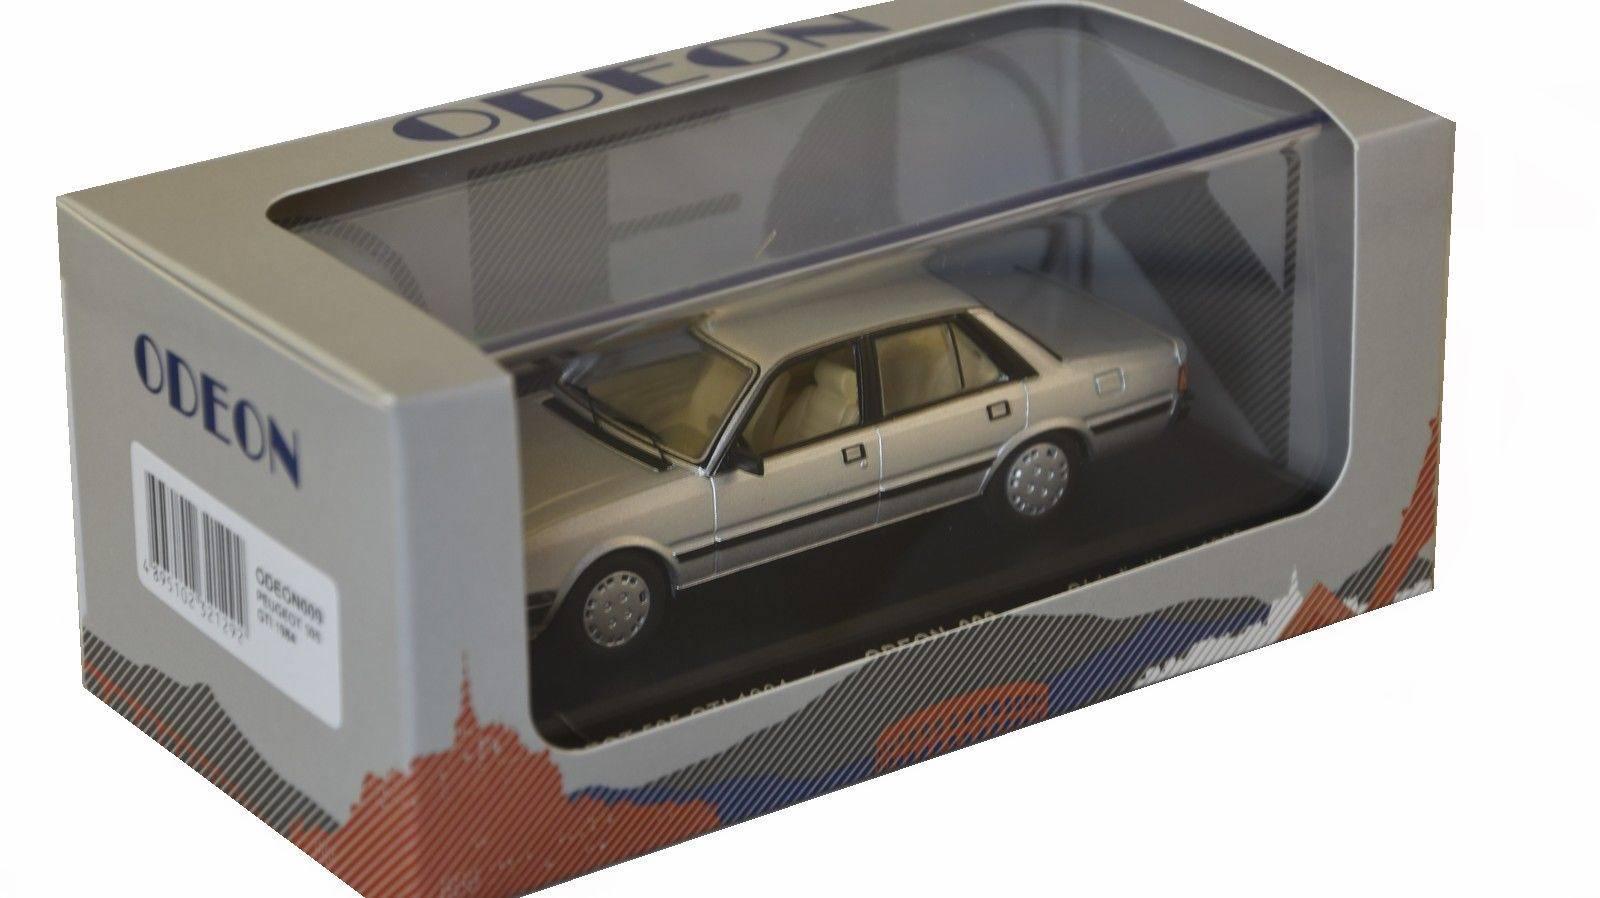 Auto PEUGEOT 505 Die GTI 1984 ODEON 1 1 1 43 Limitierte Auflage 1000 Stk.  | Elegant Und Würdevoll  6c3f38